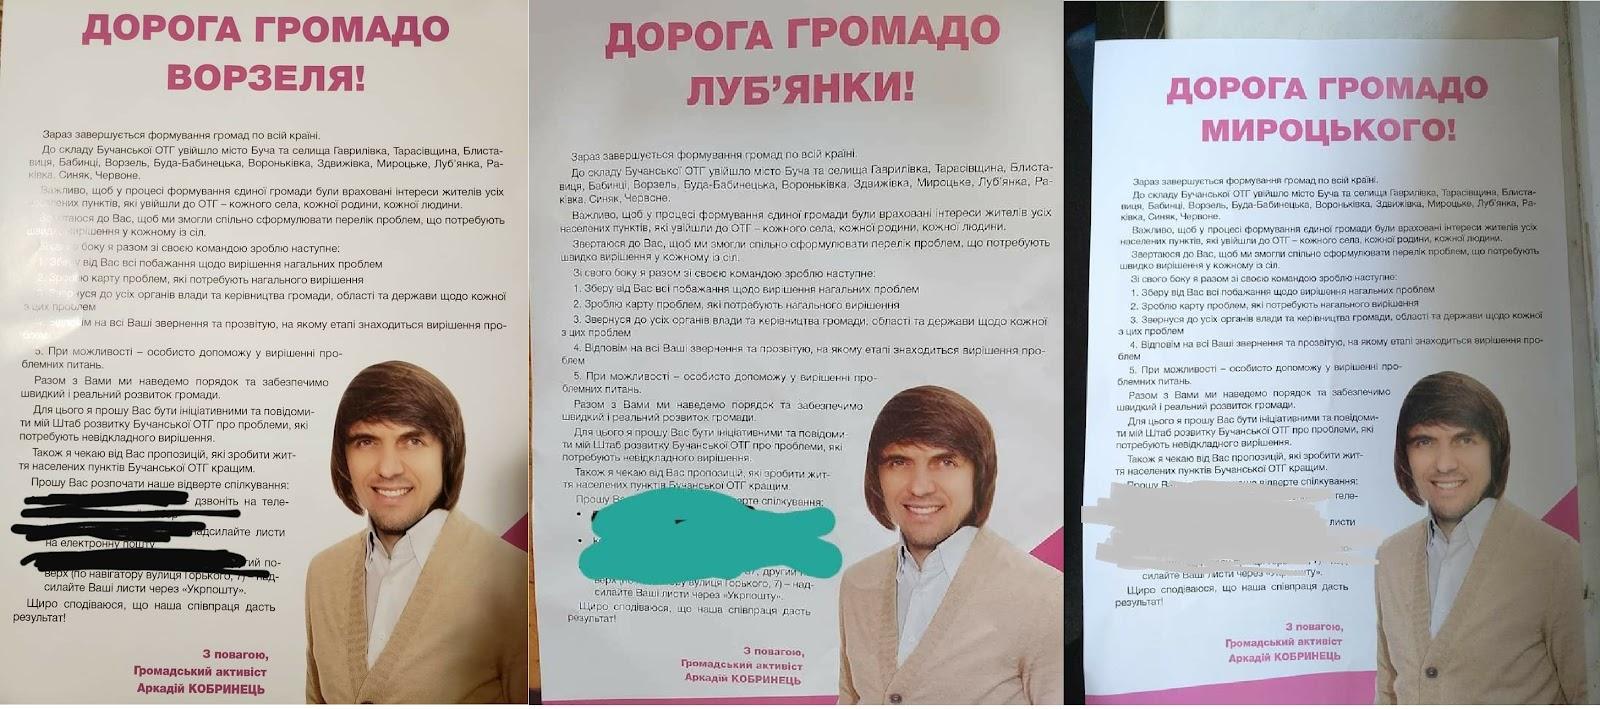 Аркадій Кобринець піариться як громадський активіст, але діє як політичний пристосуванець